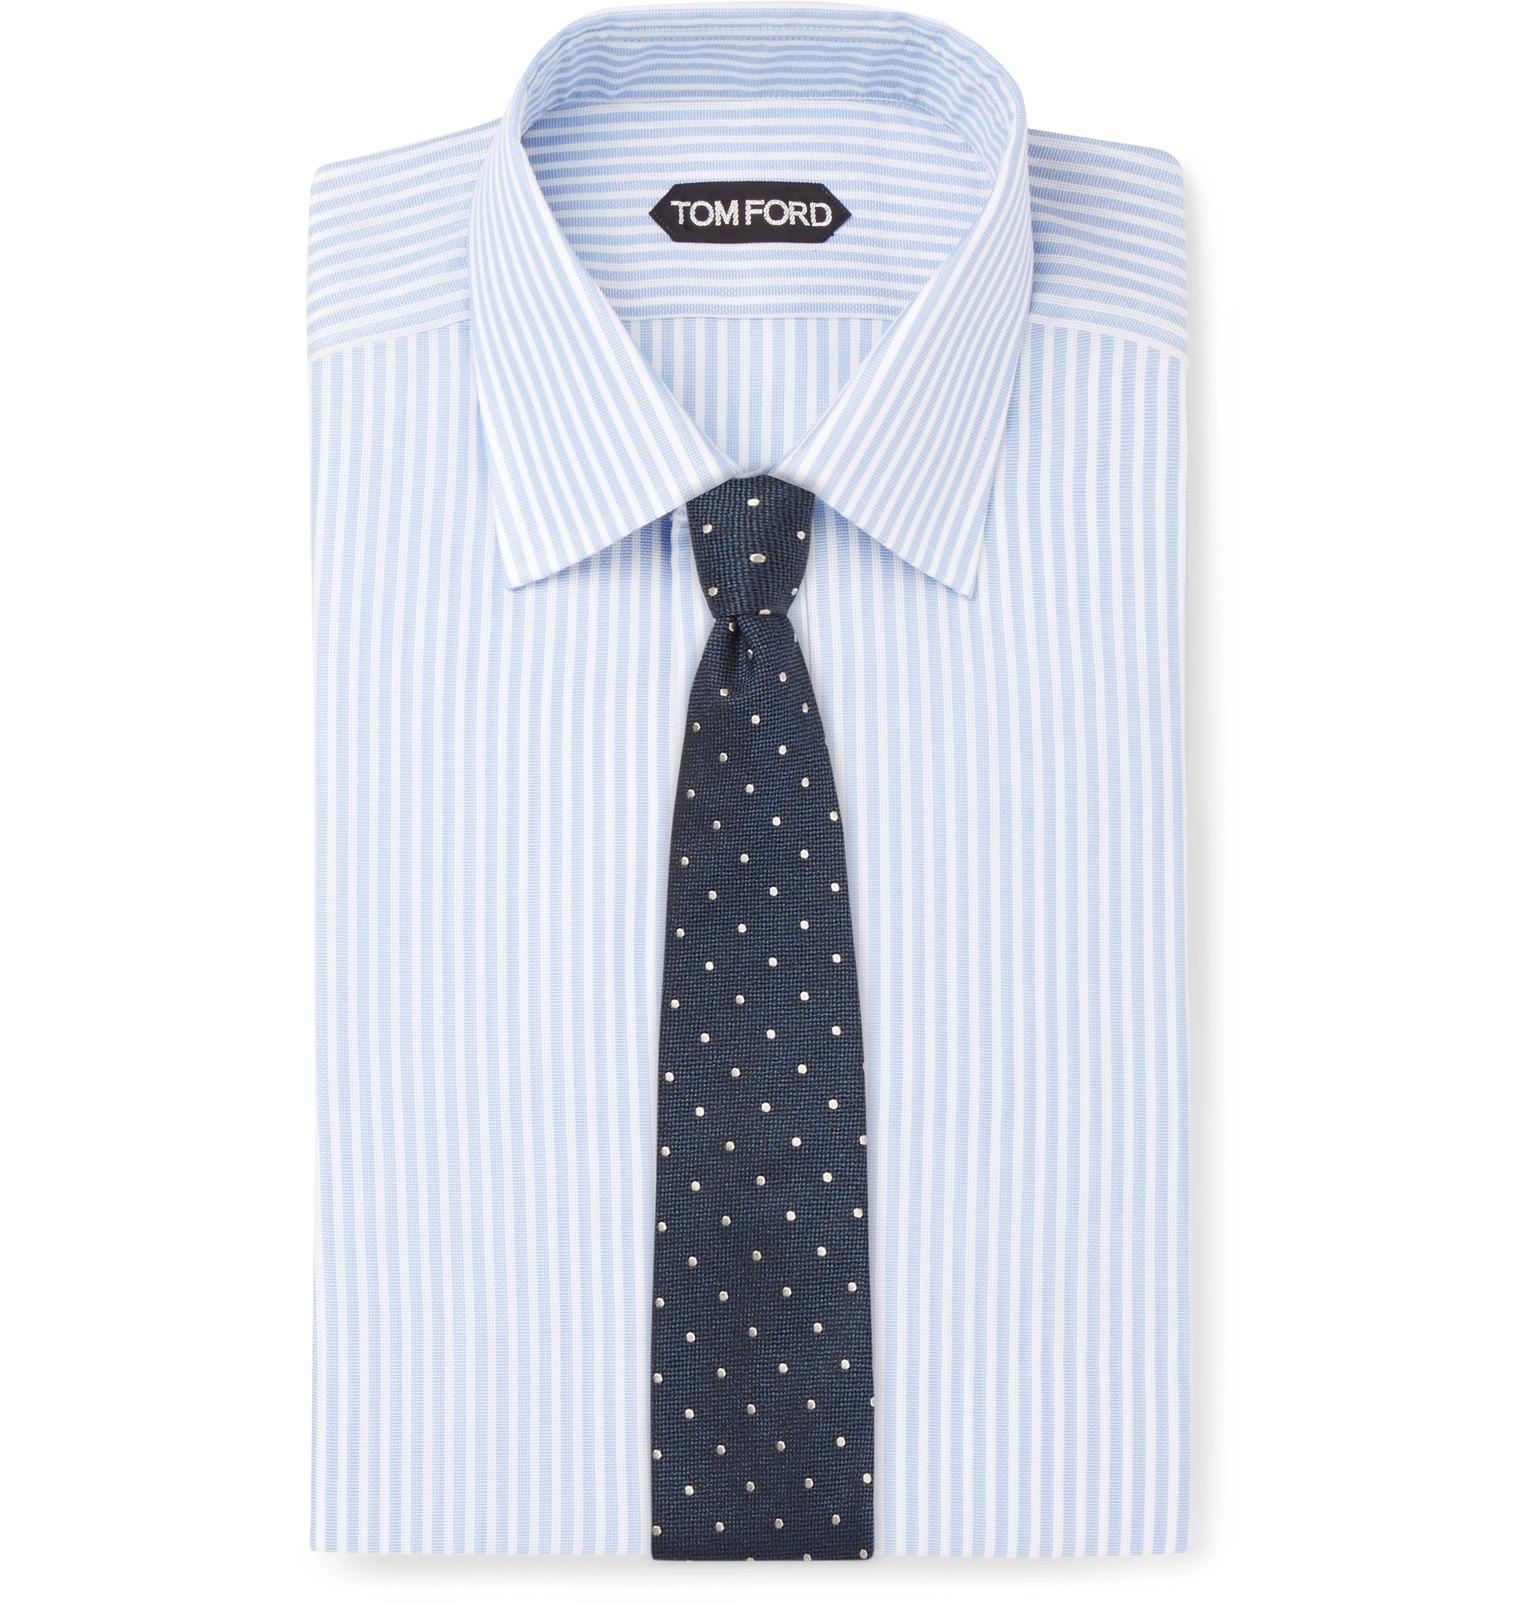 prix raisonnable achat authentique taille 7 Comment assortir cravate et chemise ? Les meilleurs conseils